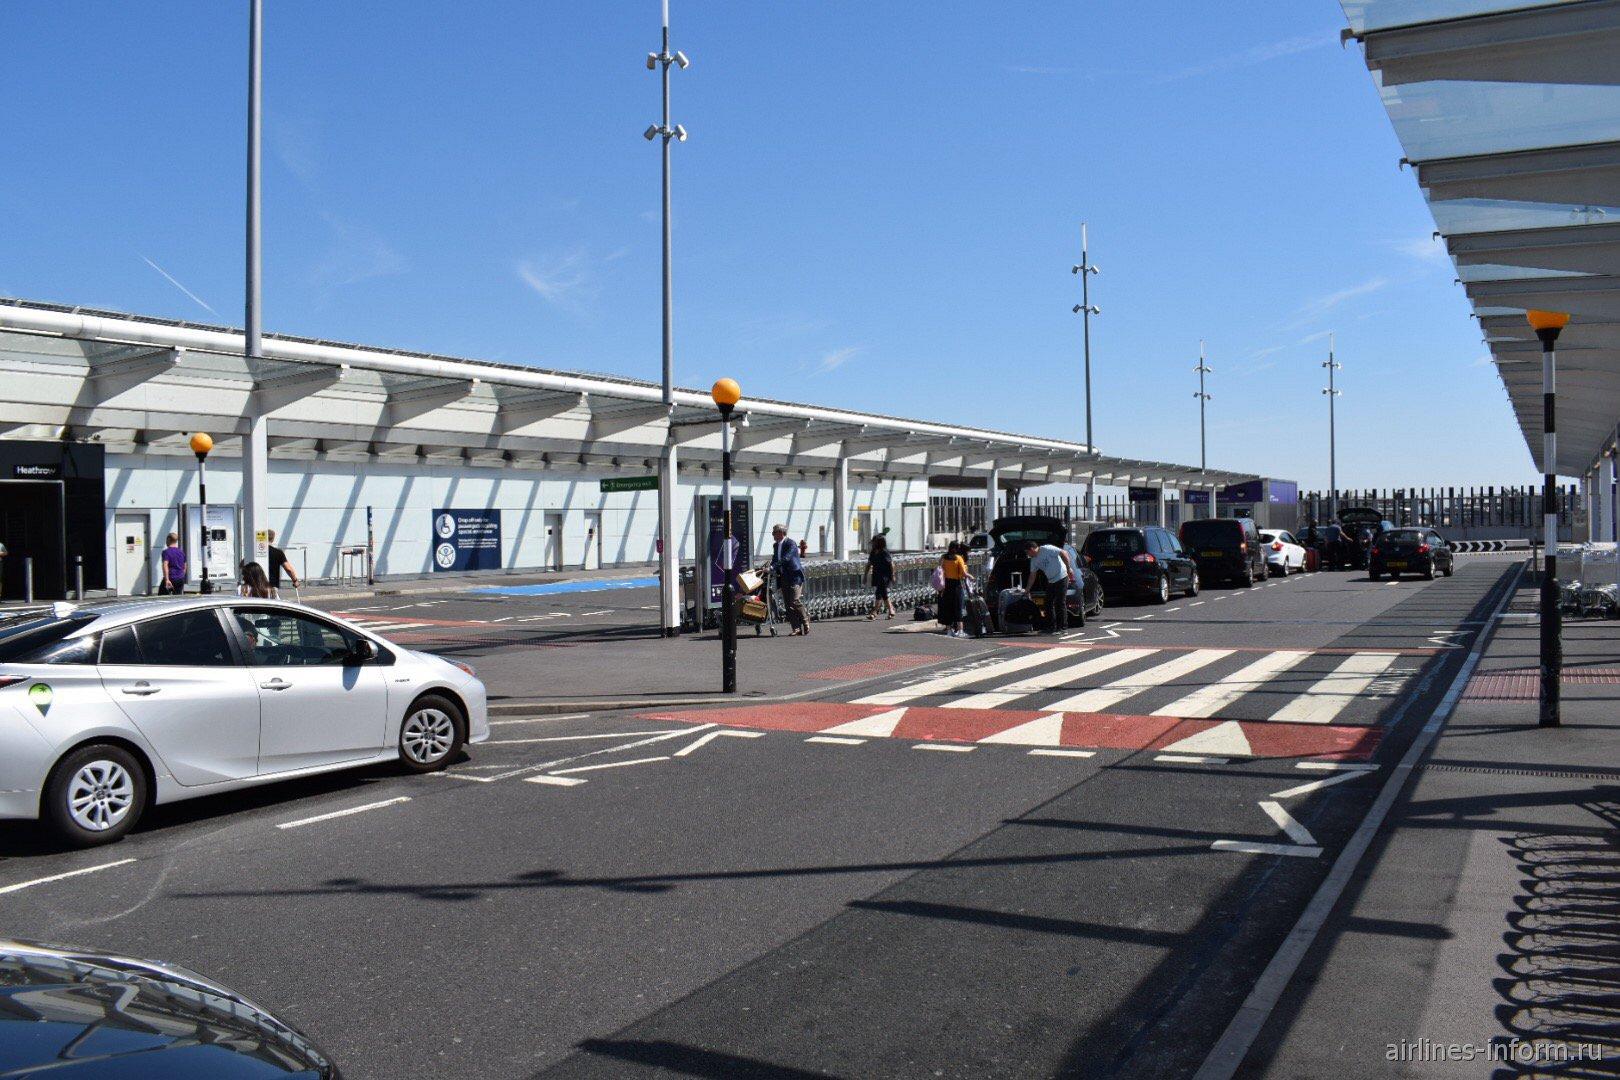 У входа в зону вылетов Терминала 2 аэропорта Лондон Хитроу